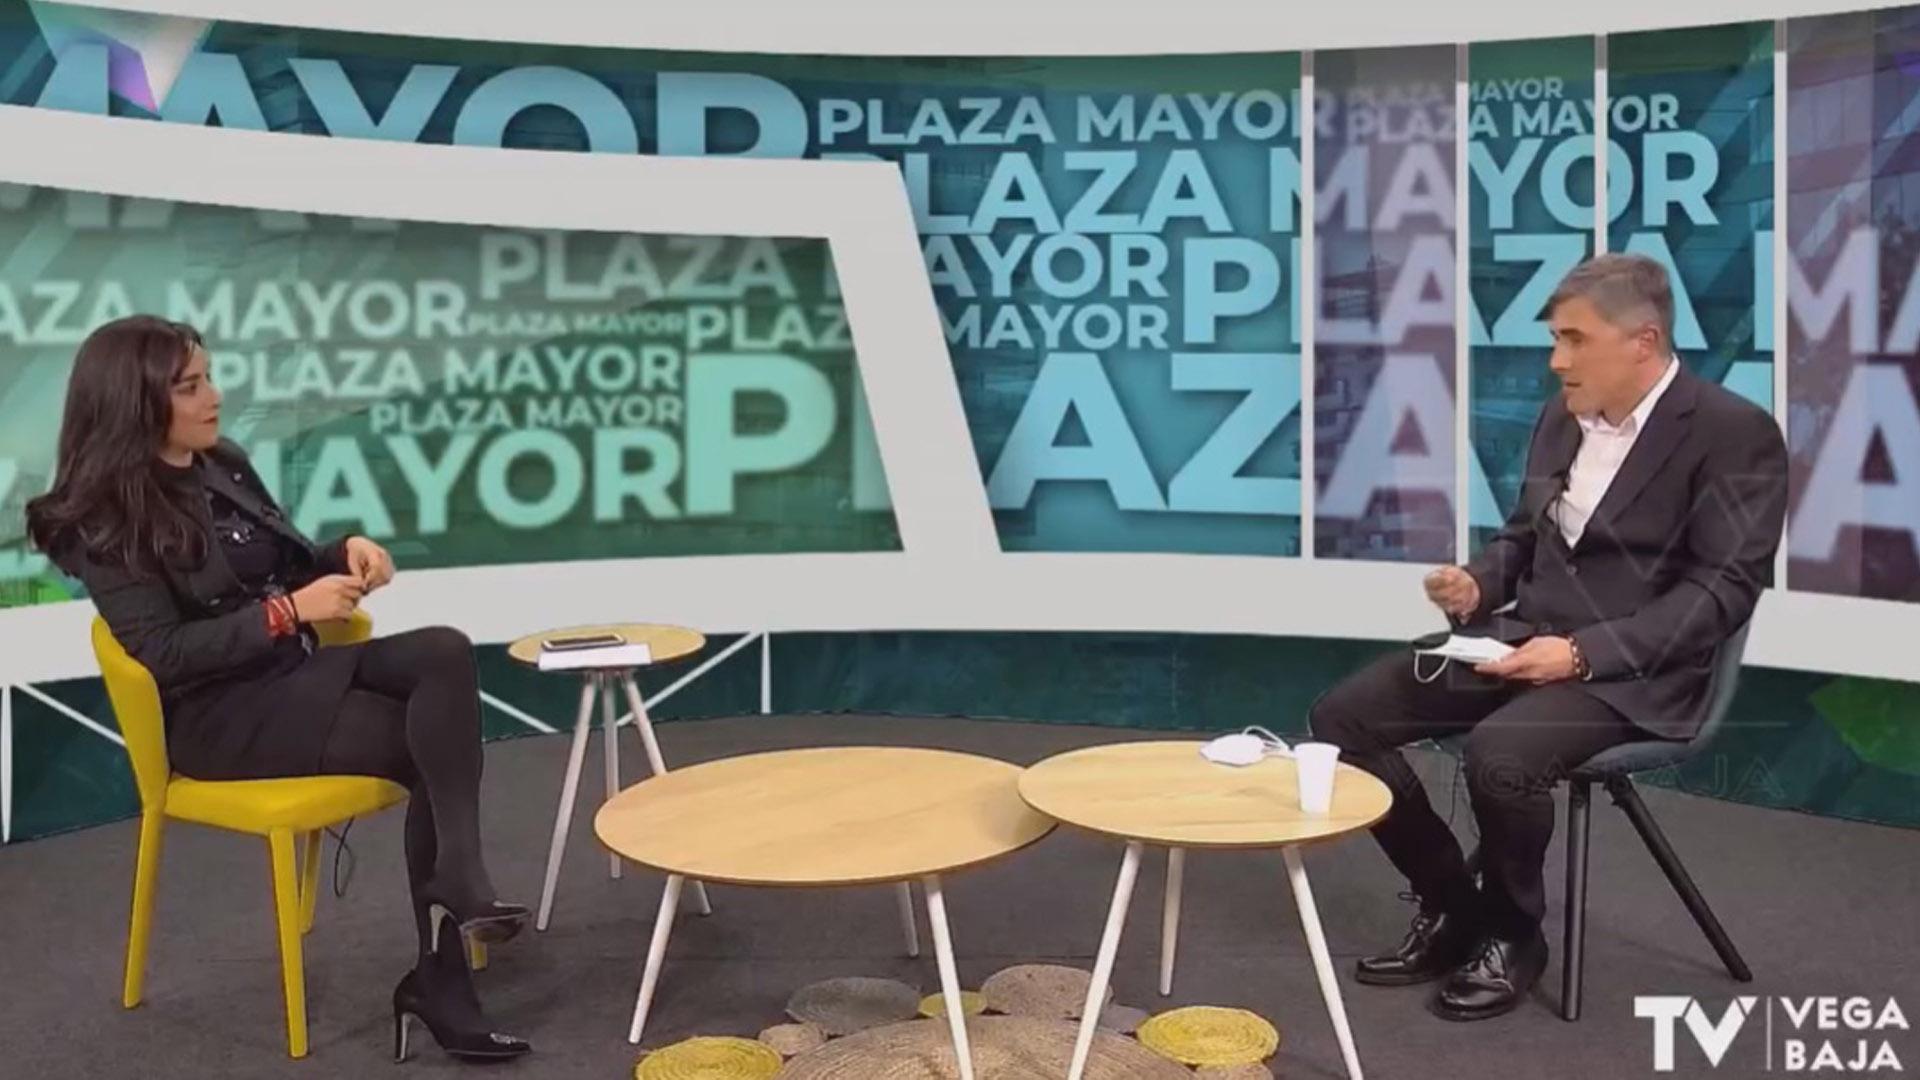 Entrevista en Televisión Vega Baja